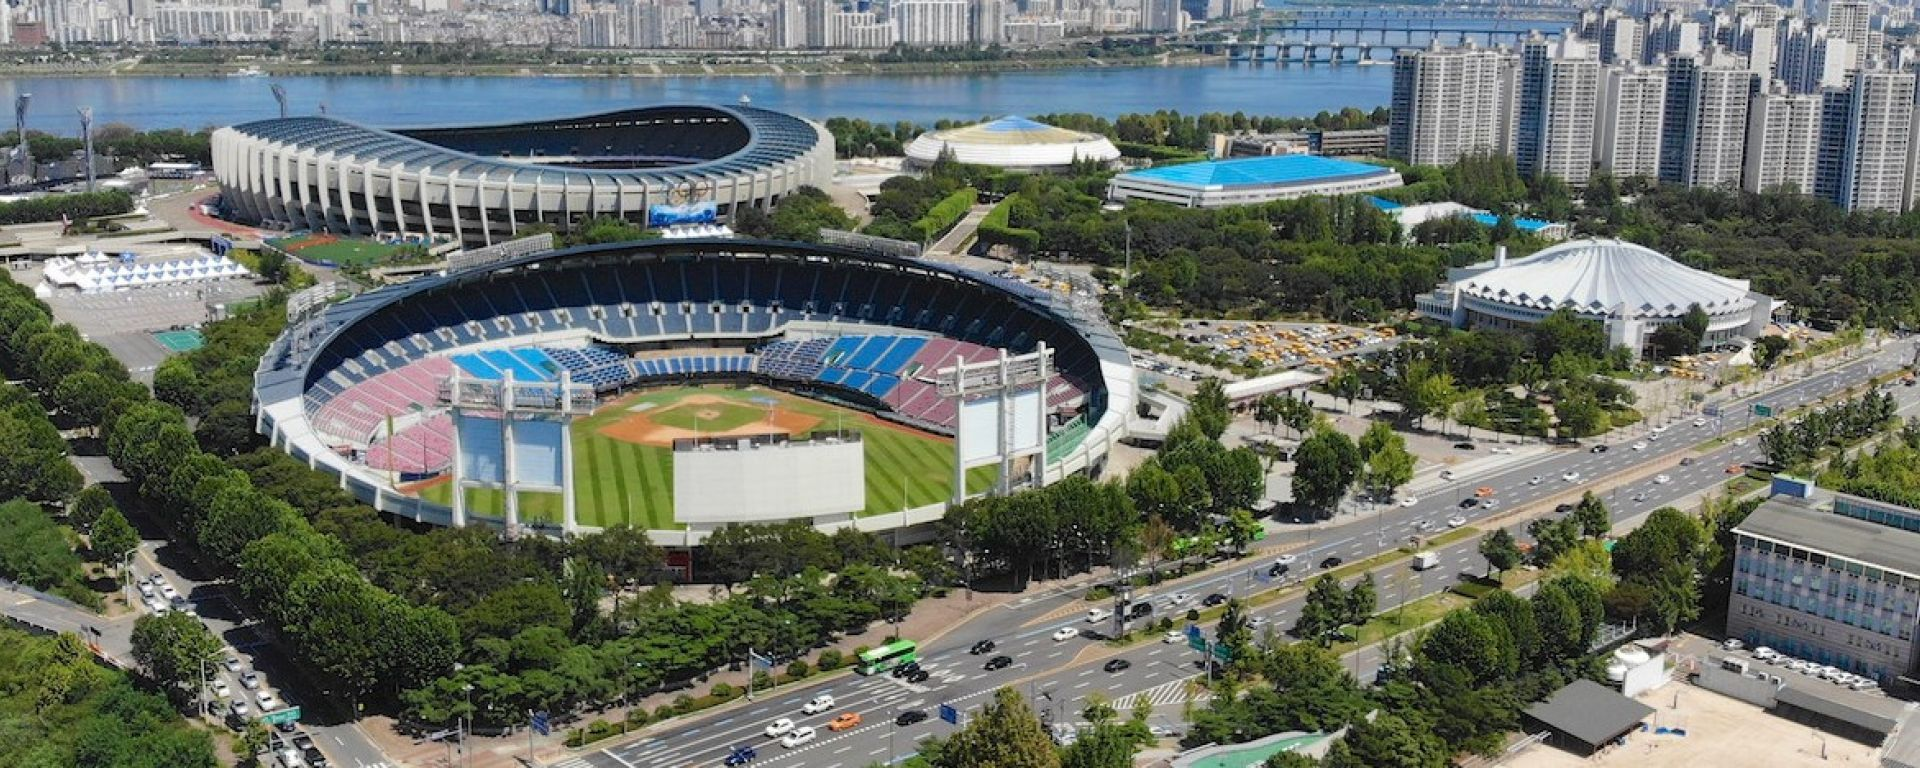 Formula E, il Parco Olimpico di Seul dove nel 2020 si svolgerà il primo ePrix della Corea del Sud